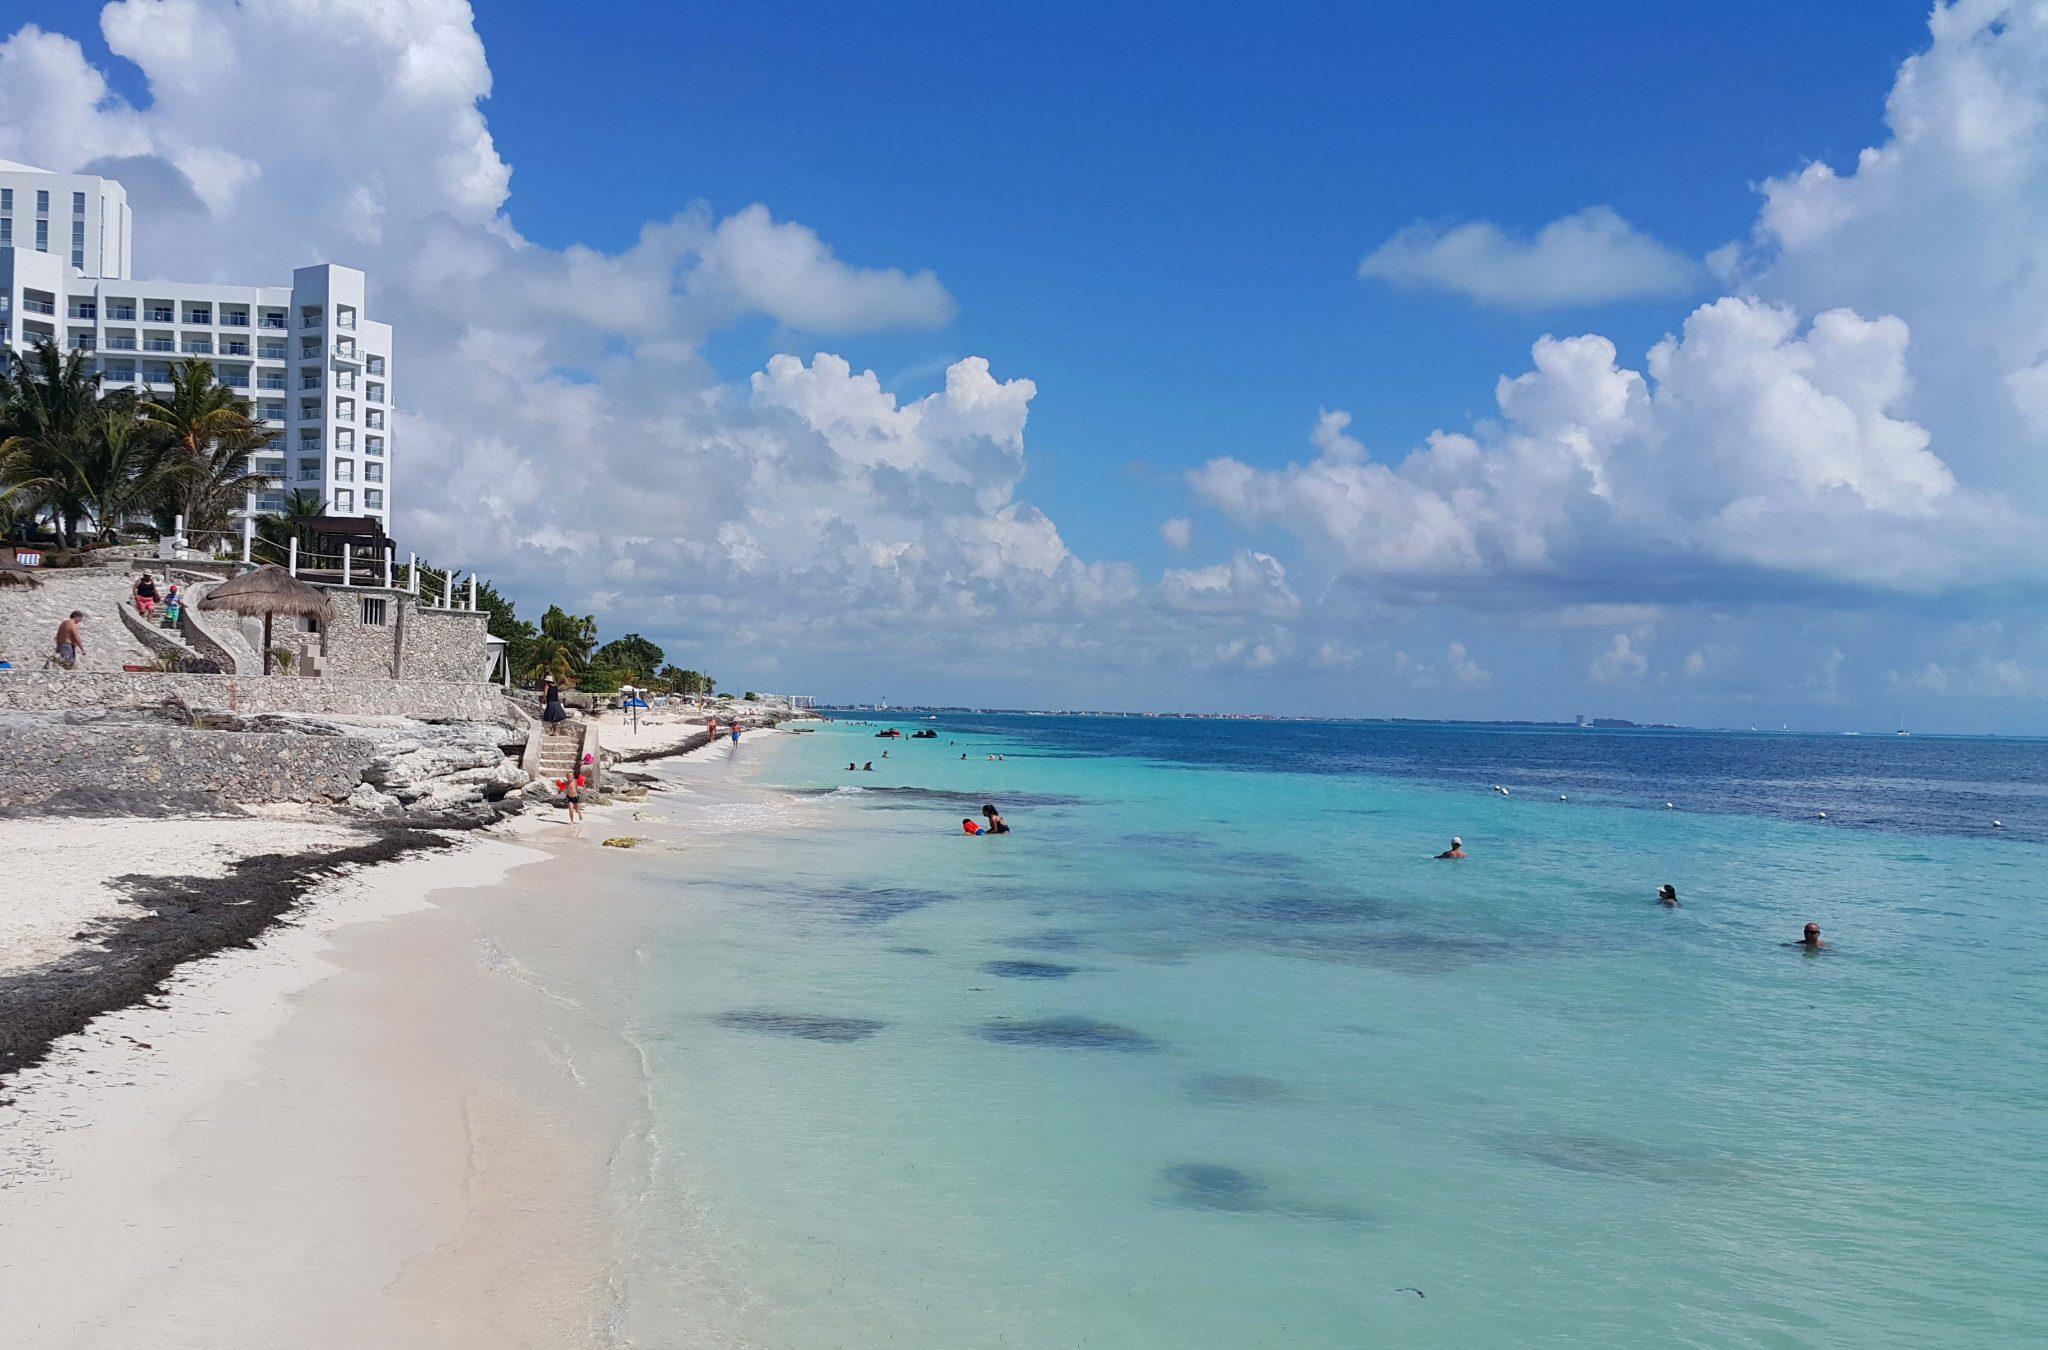 Cancun'un muhteşem plajlarından biri